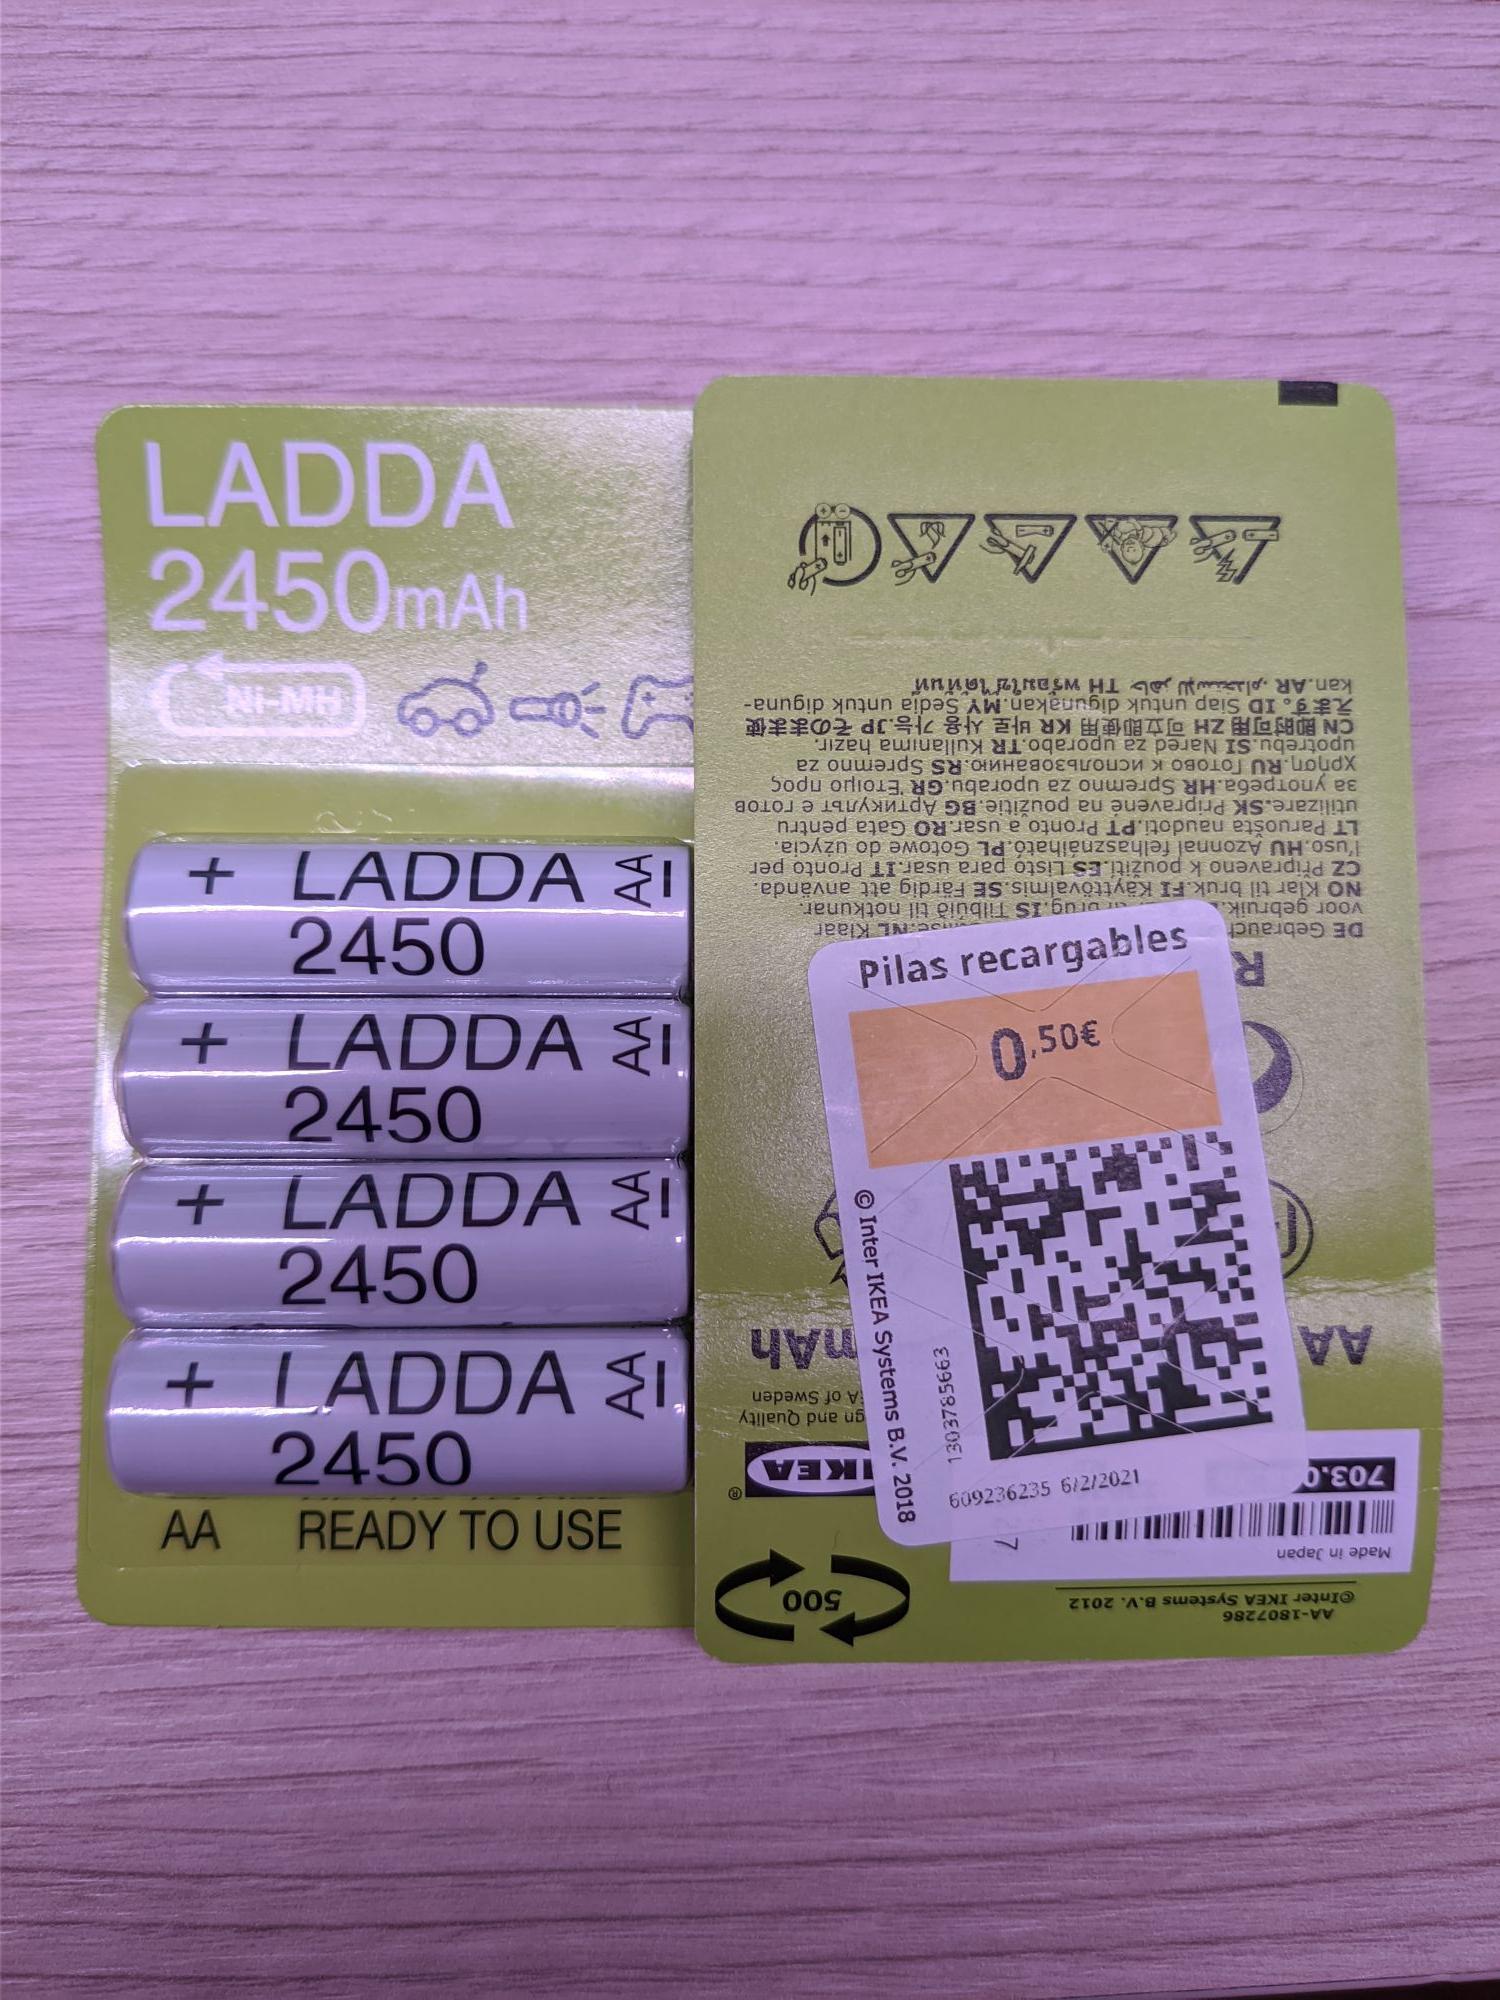 Pilas recargables Ikea Ladra AA 2450mAh